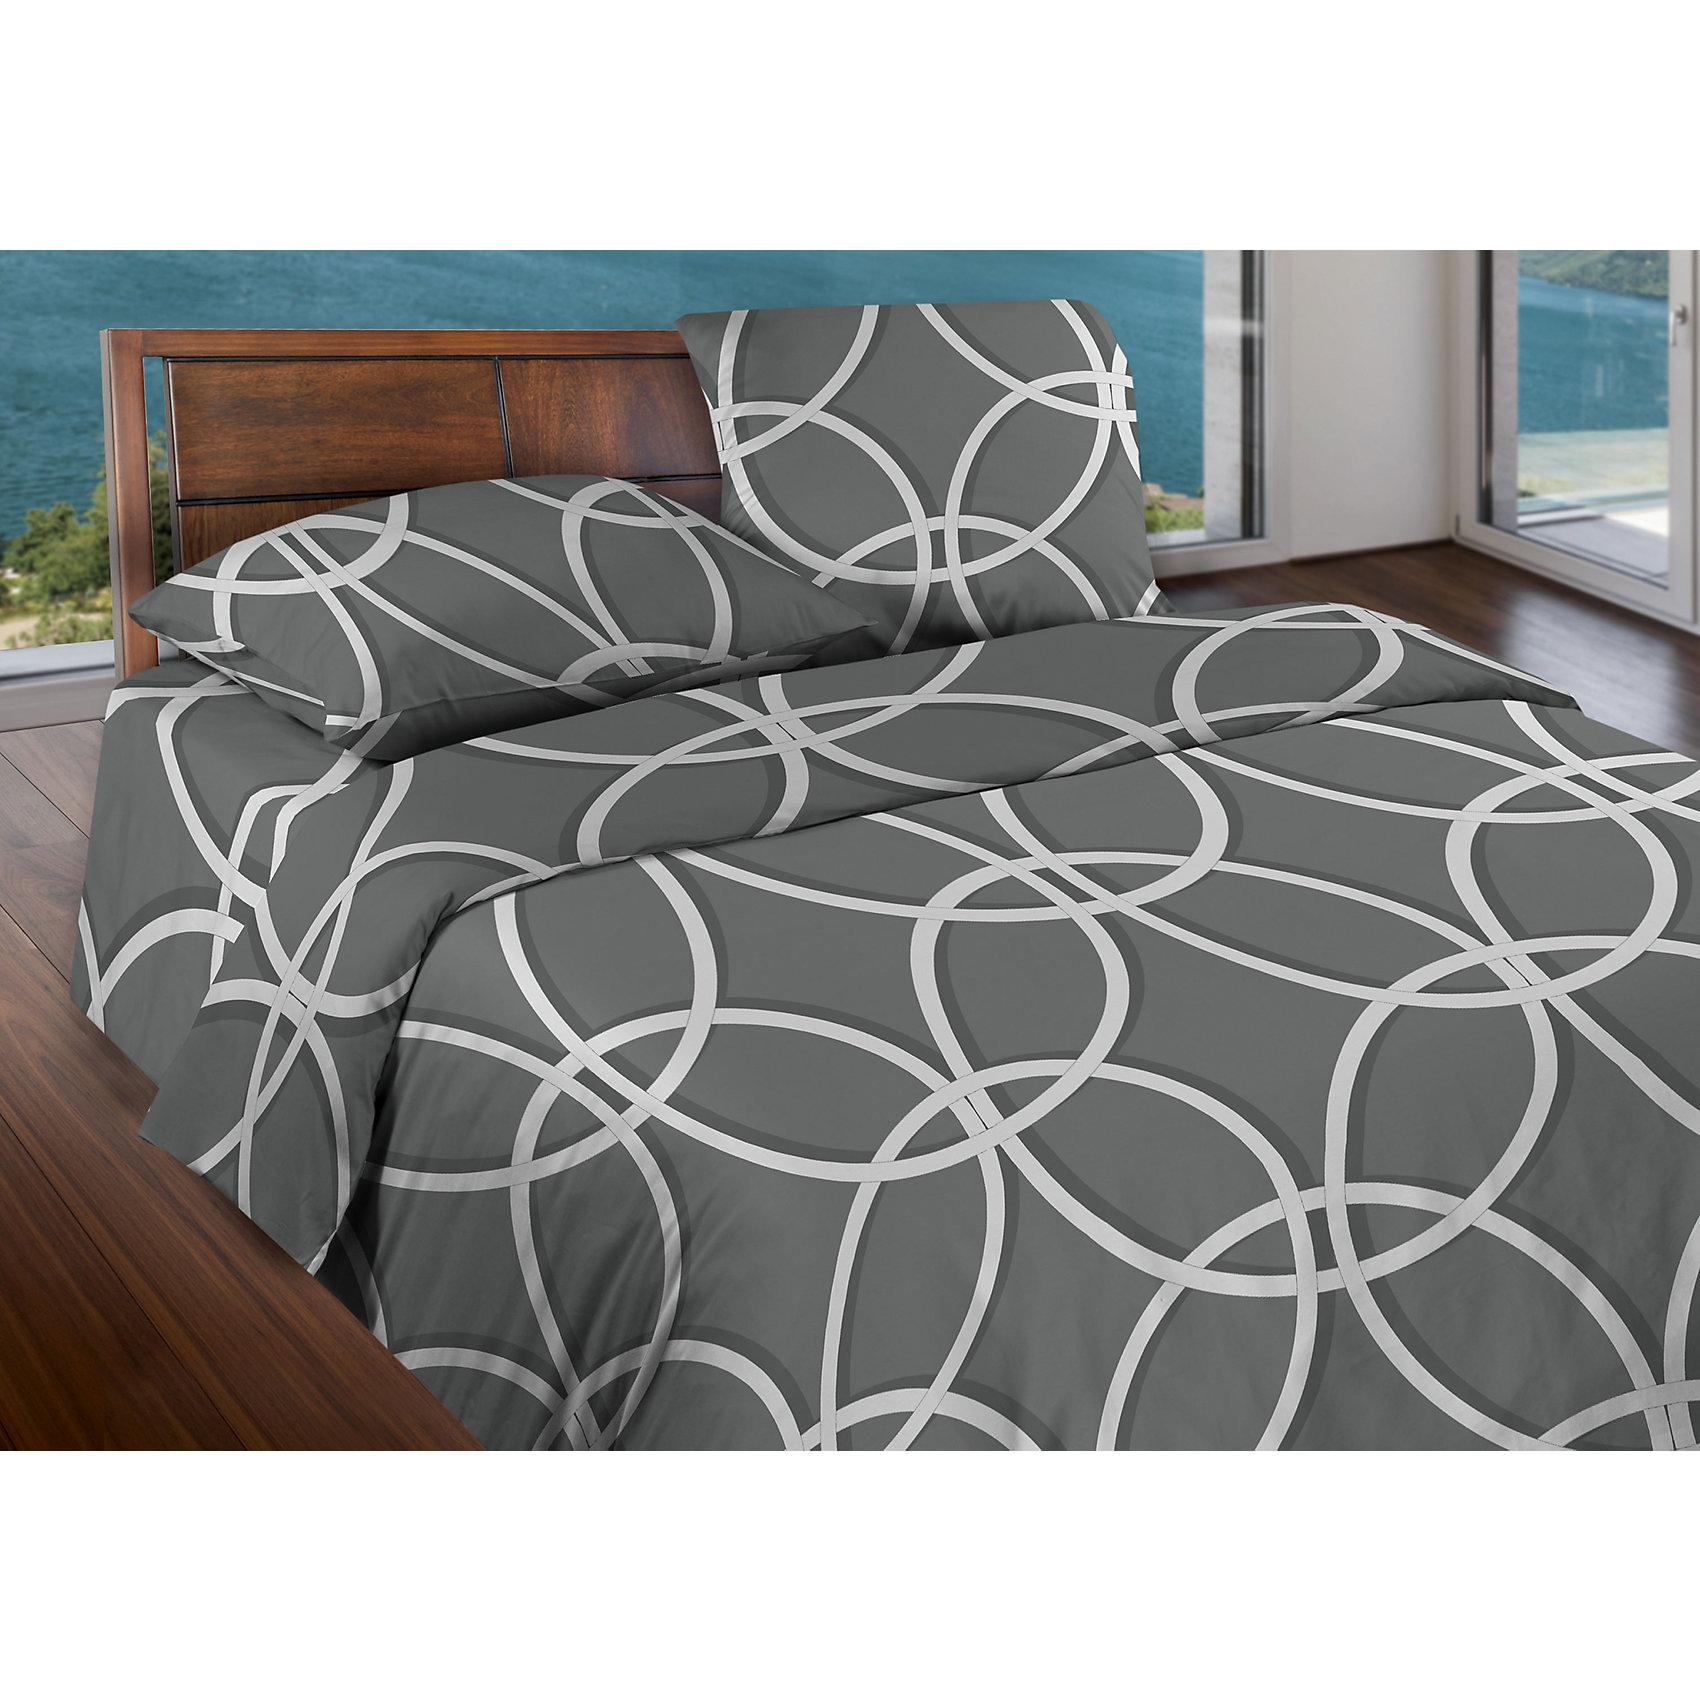 Комплект постельного белья БИО Комфорт Round, 1,5 спальное, WengeДомашний текстиль<br>Комплект постельного белья БИО Комфорт Round, 1,5 спальное, Wenge (Венге)<br><br>Характеристики:<br><br>• изготовлено из натуральной, биологически чистой ткани<br>• высокая износостойкость<br>• приятное на ощупь<br>• оригинальный дизайн<br>• тип комплекта: 1,5-спальный<br>• материал: БИО комфорт (100% хлопок)<br>• в комплекте: простыня, пододеяльник, наволочка (2 шт.)<br>• размер простыни: 150х220 см<br>• размер пододеяльника: 145х215 см<br>• размер наволочки: 70х70 см<br>• размер упаковки: 8х25х35 см<br>• вес: 1400 грамм<br><br>Постельное белье Round изготовлено из высококачественного материала - биокомфорт. Он отличается высокой прочностью и мягкостью. Биокомфорт - качественная бязь из натурального экологически чистого хлопка. Белье не сядет и не выцветет после многочисленных стирок. Комплект оформлен красивым узором, который прекрасно впишется в интерьер вашей спальни.<br><br>Комплект постельного белья БИО Комфорт Round, 1,5 спальное, Wenge (Венге) вы можете купить в нашем интернет-магазине.<br><br>Ширина мм: 350<br>Глубина мм: 250<br>Высота мм: 80<br>Вес г: 1400<br>Возраст от месяцев: 36<br>Возраст до месяцев: 216<br>Пол: Унисекс<br>Возраст: Детский<br>SKU: 5430840